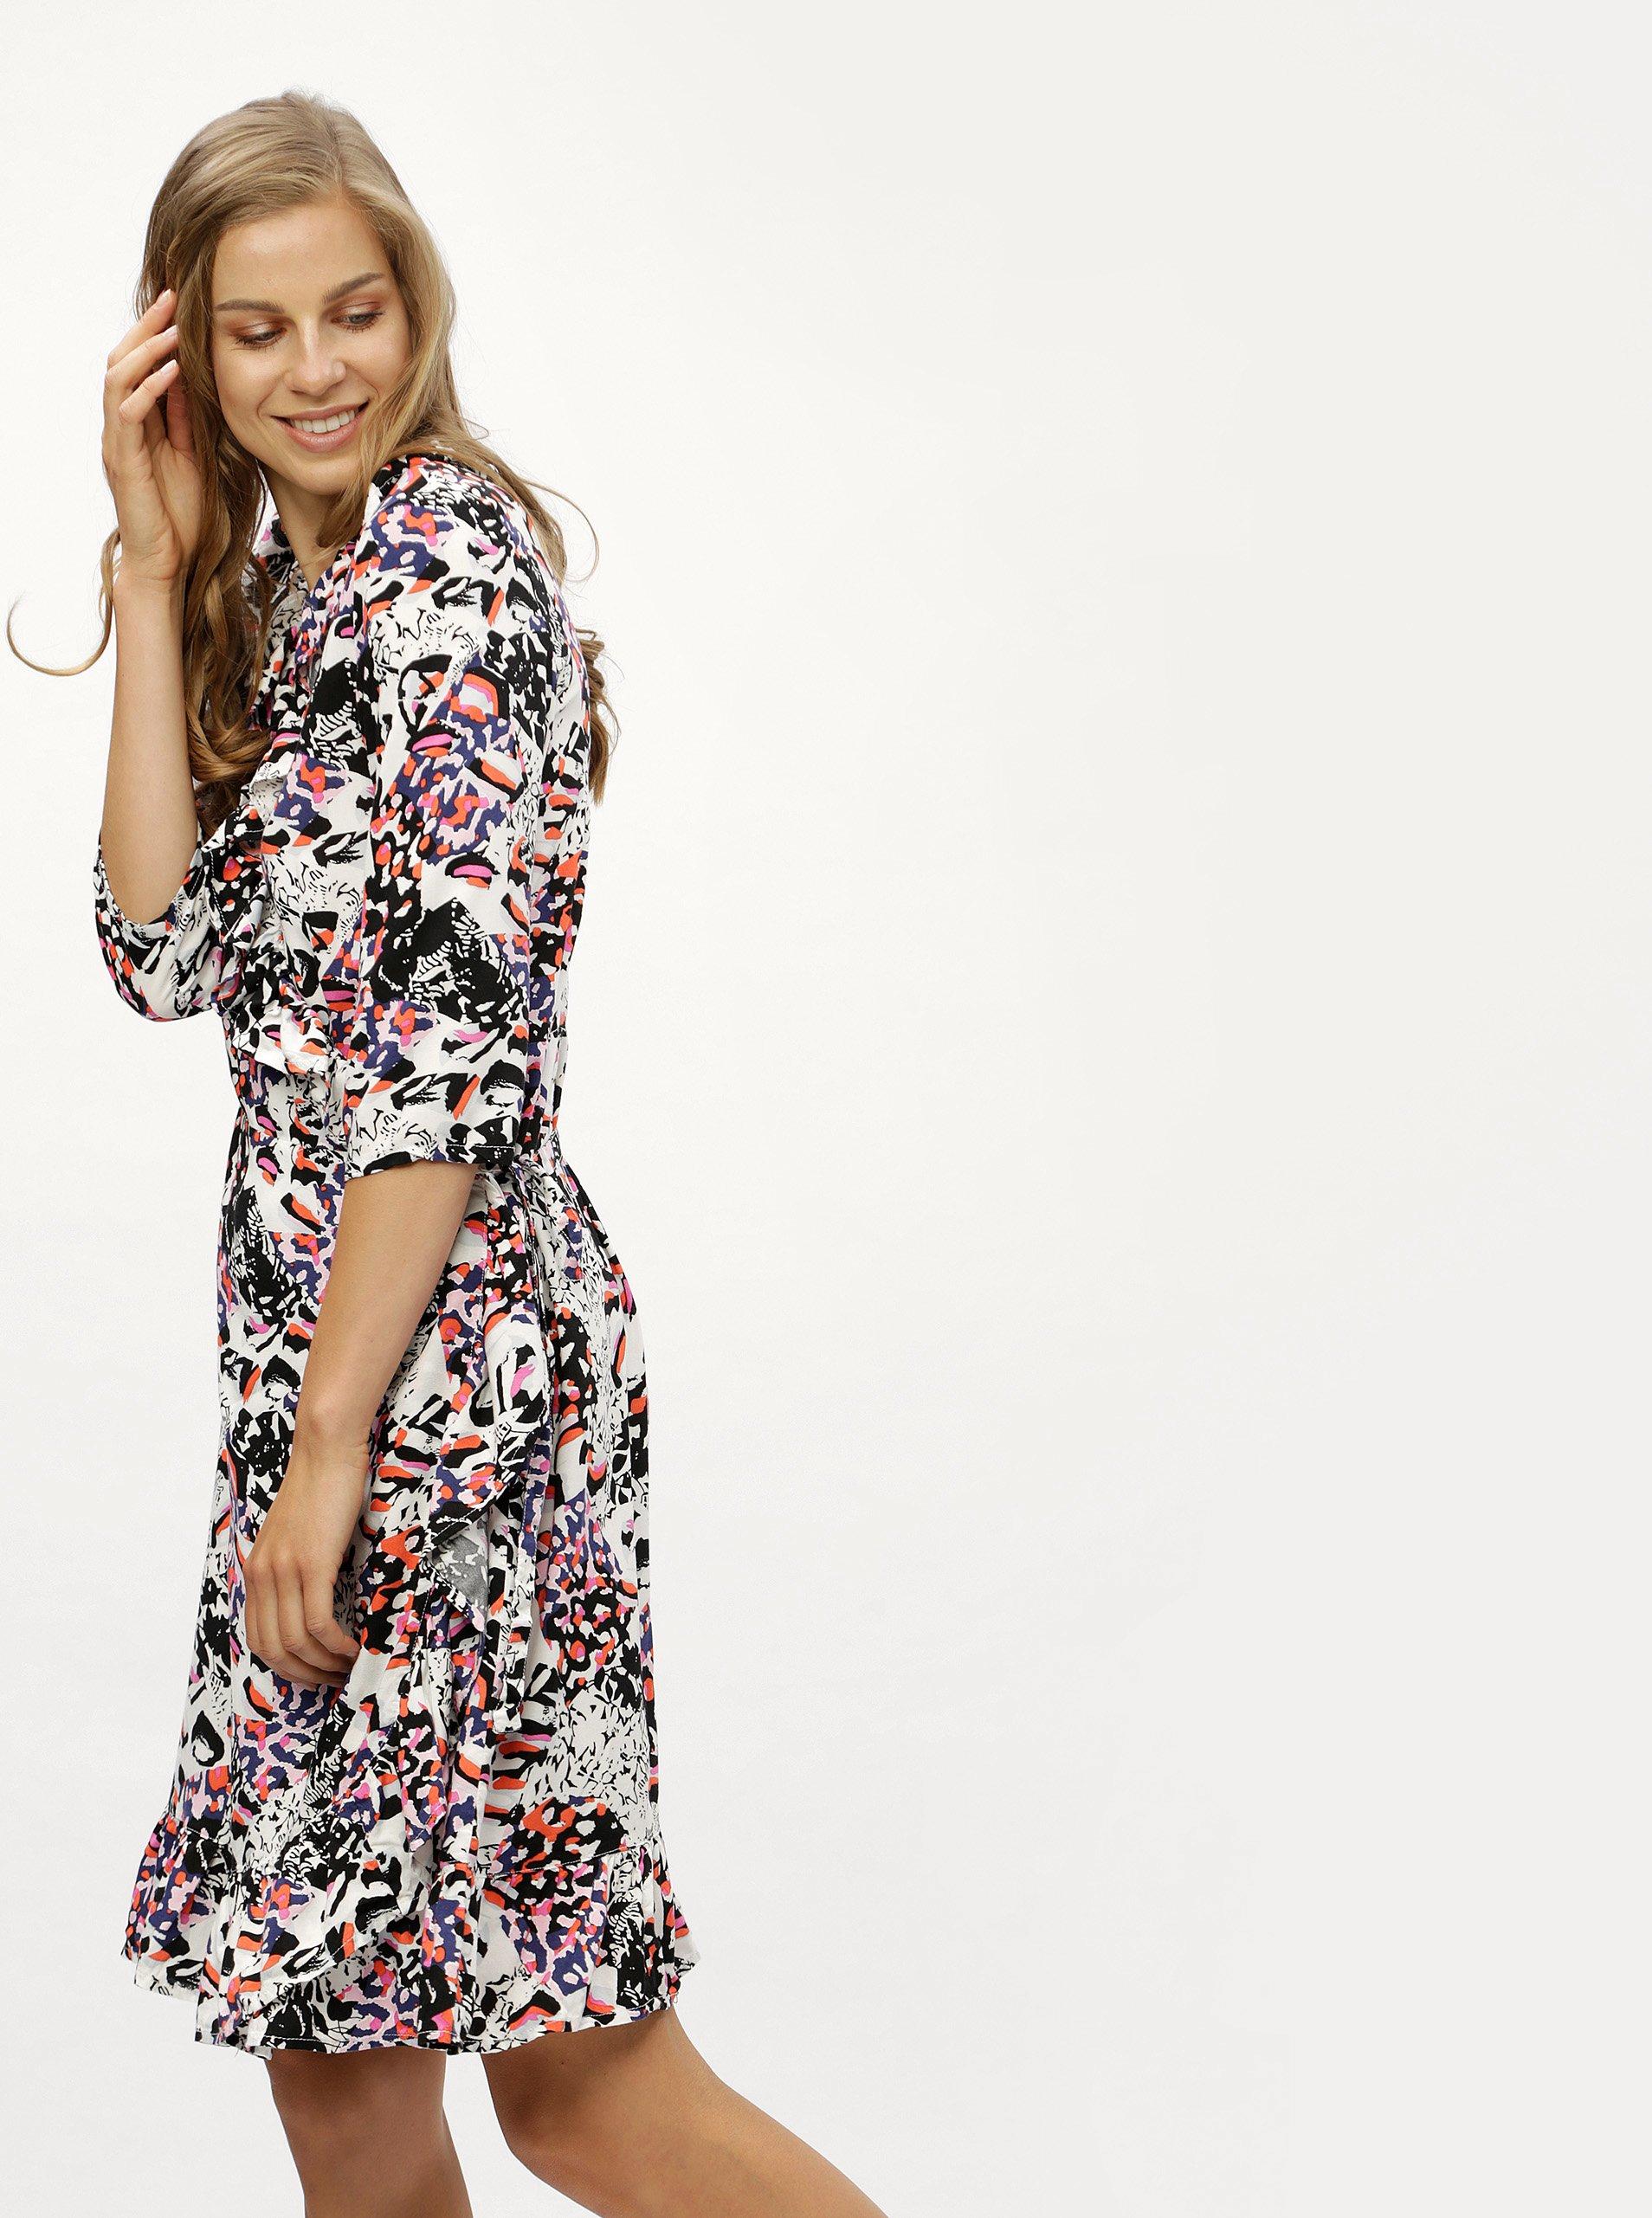 Černo-bílé vzorované zavinovací šaty s volány Noisy May b473c68cf6